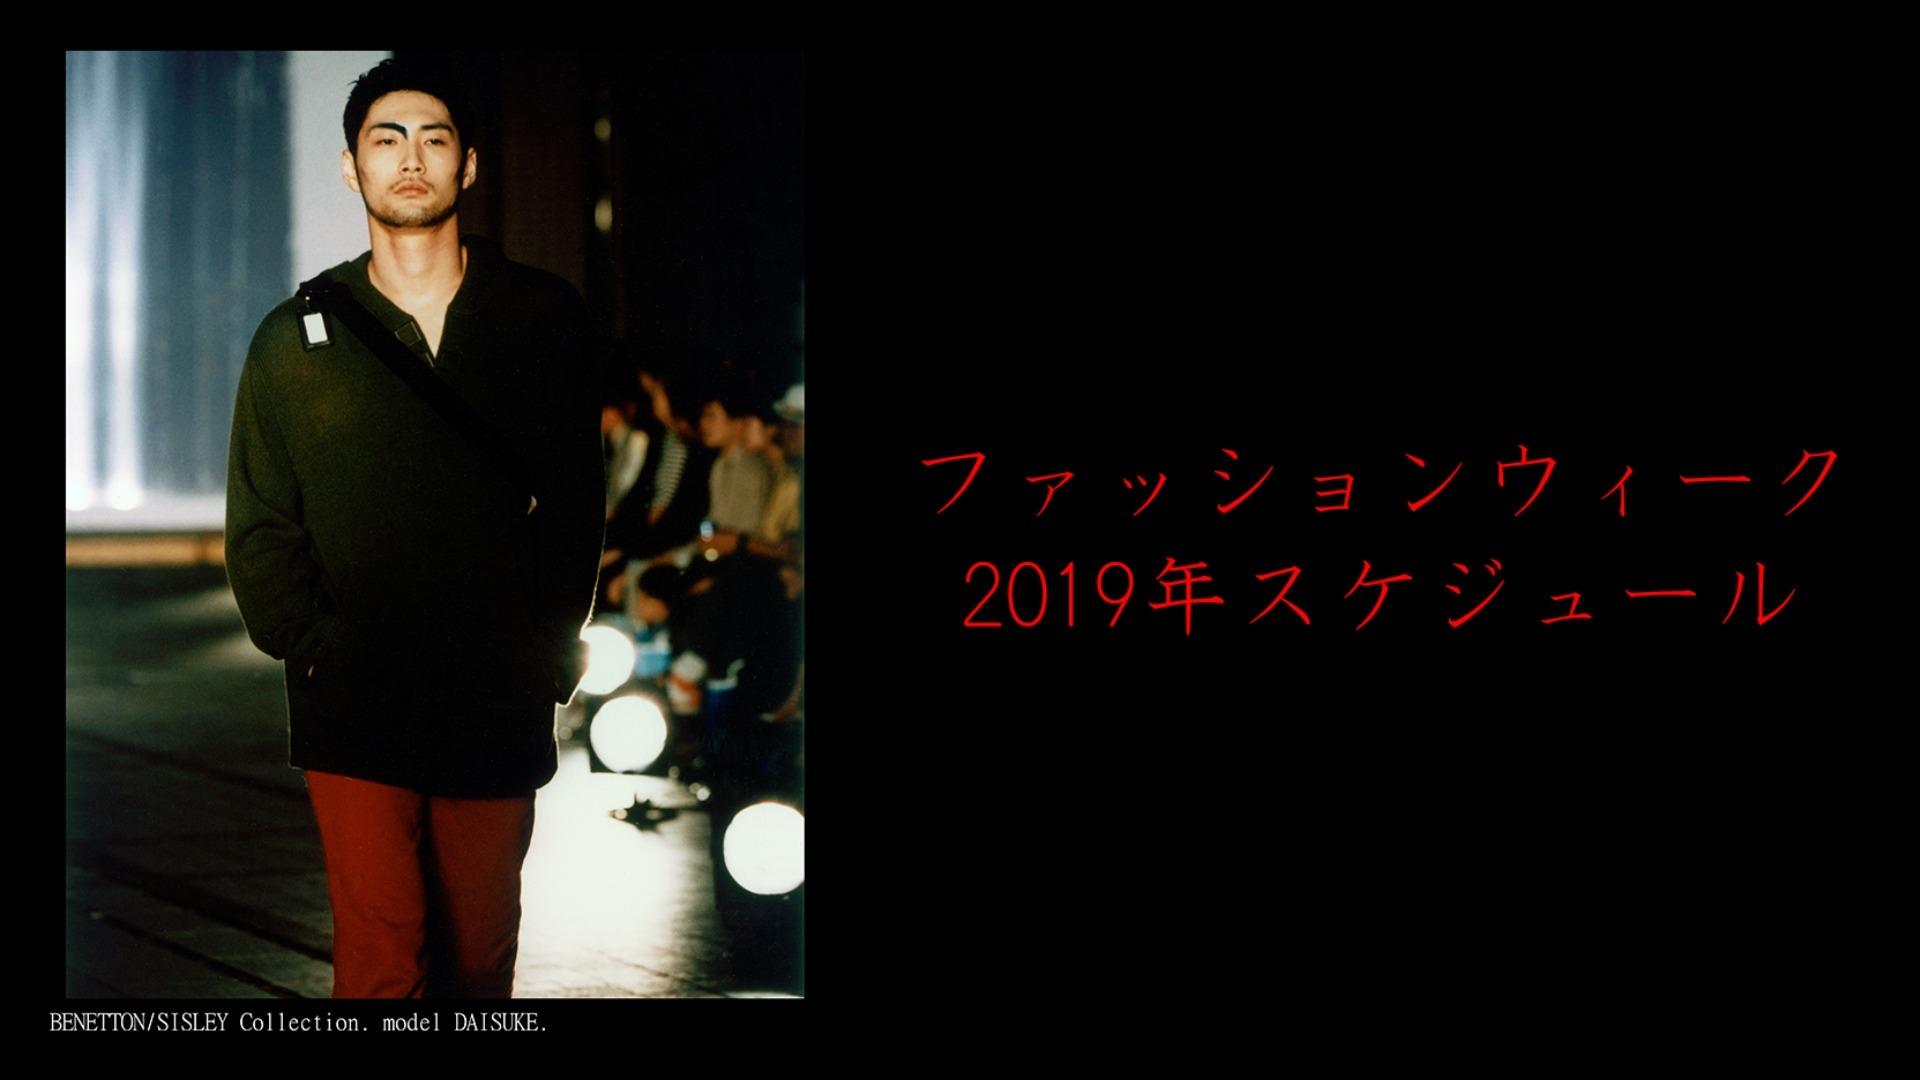 ファッションウィークのスケジュール / 世界2019年~